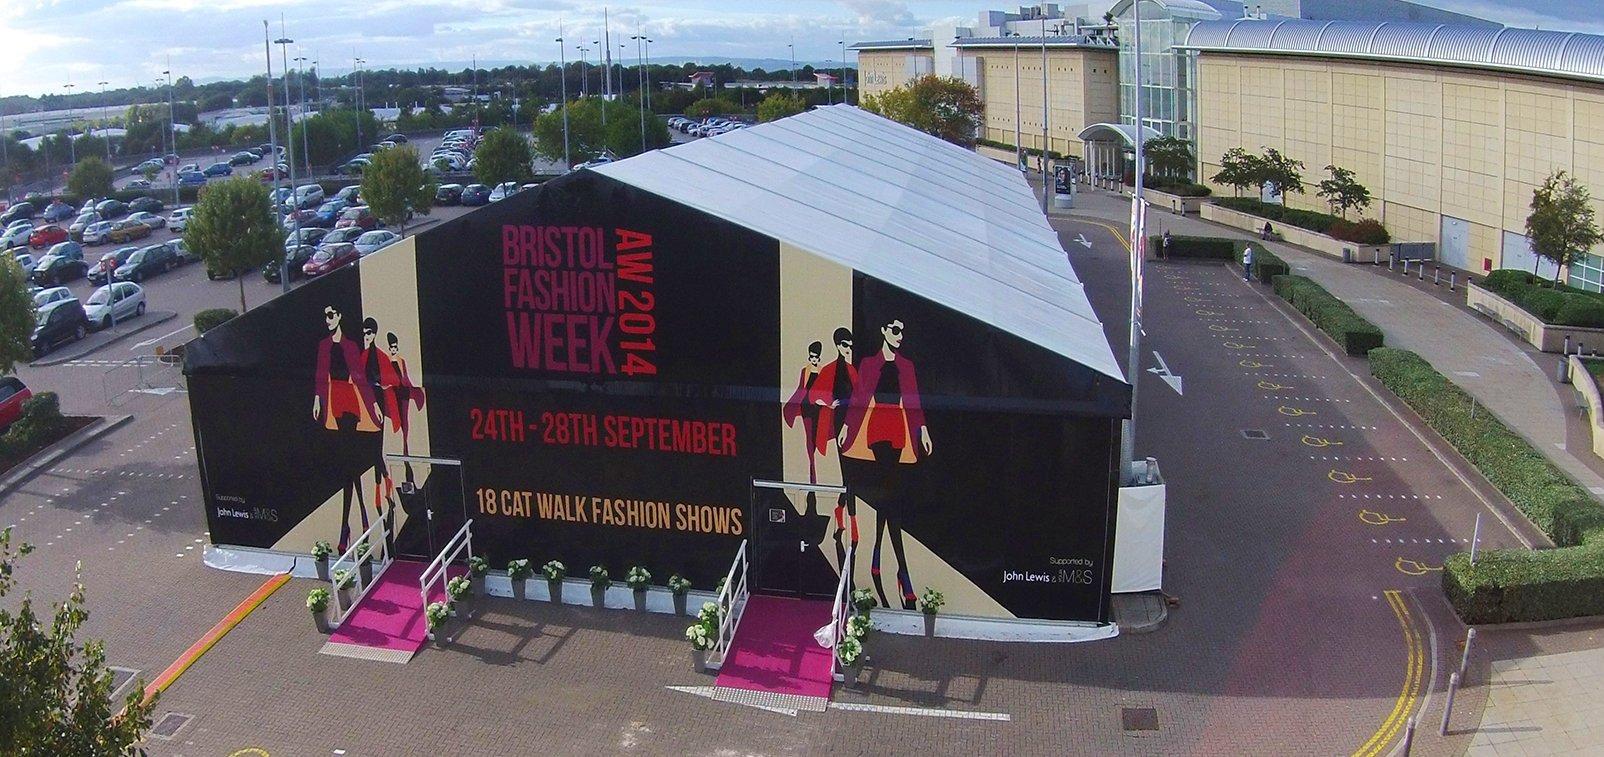 Bristol Fashion Week 2014